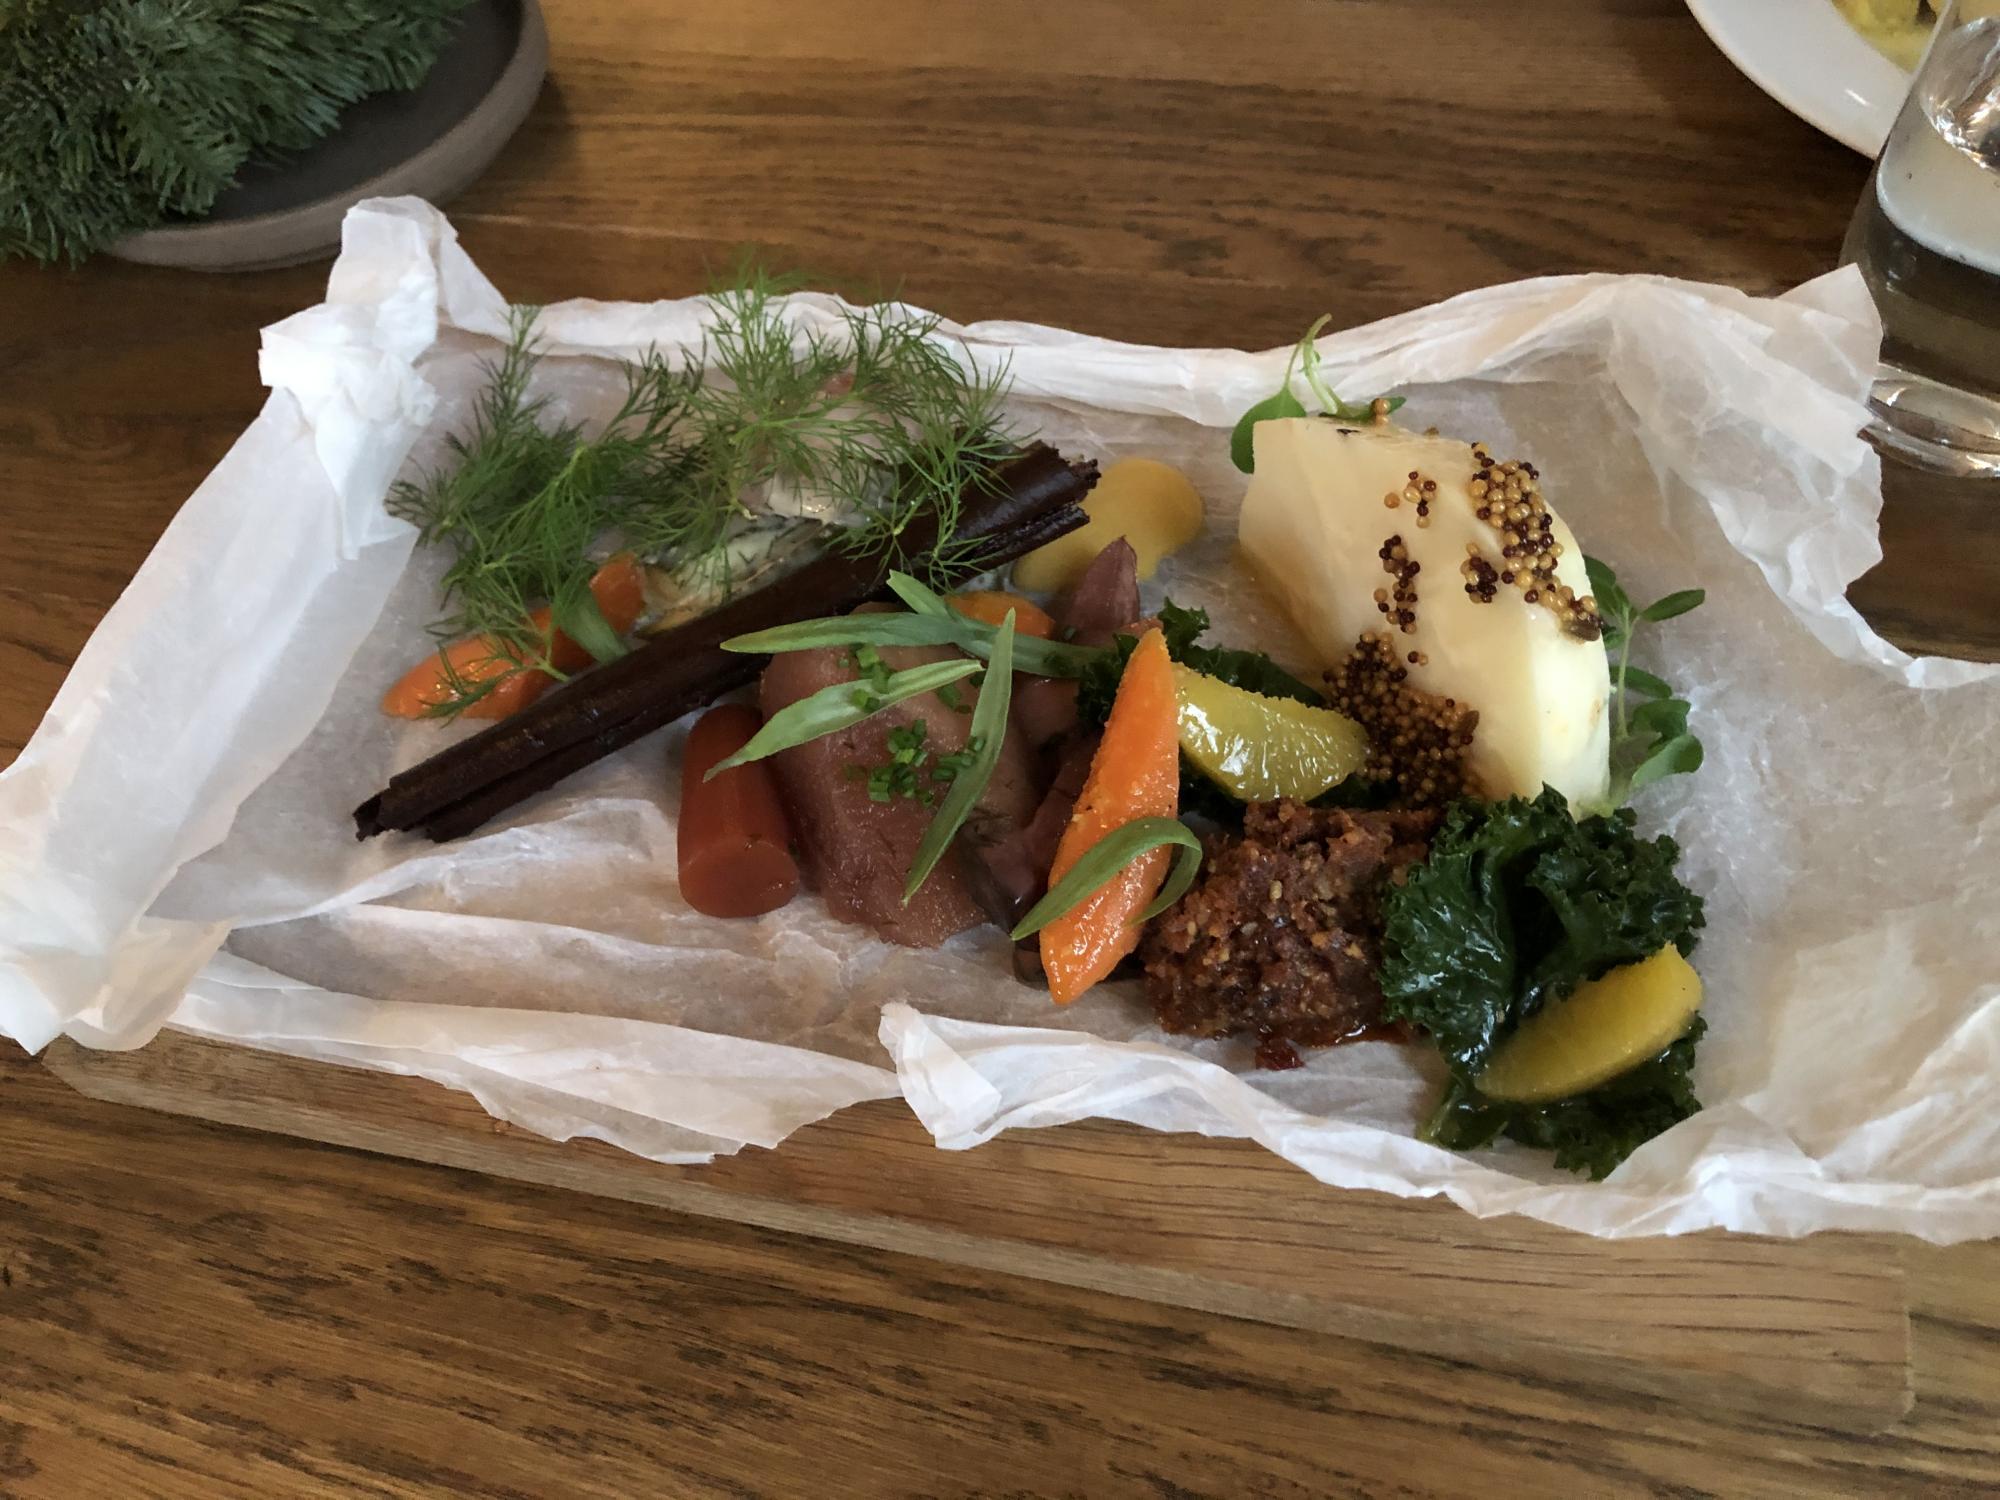 Grönkål med apelsin- och Sichuanpeppar